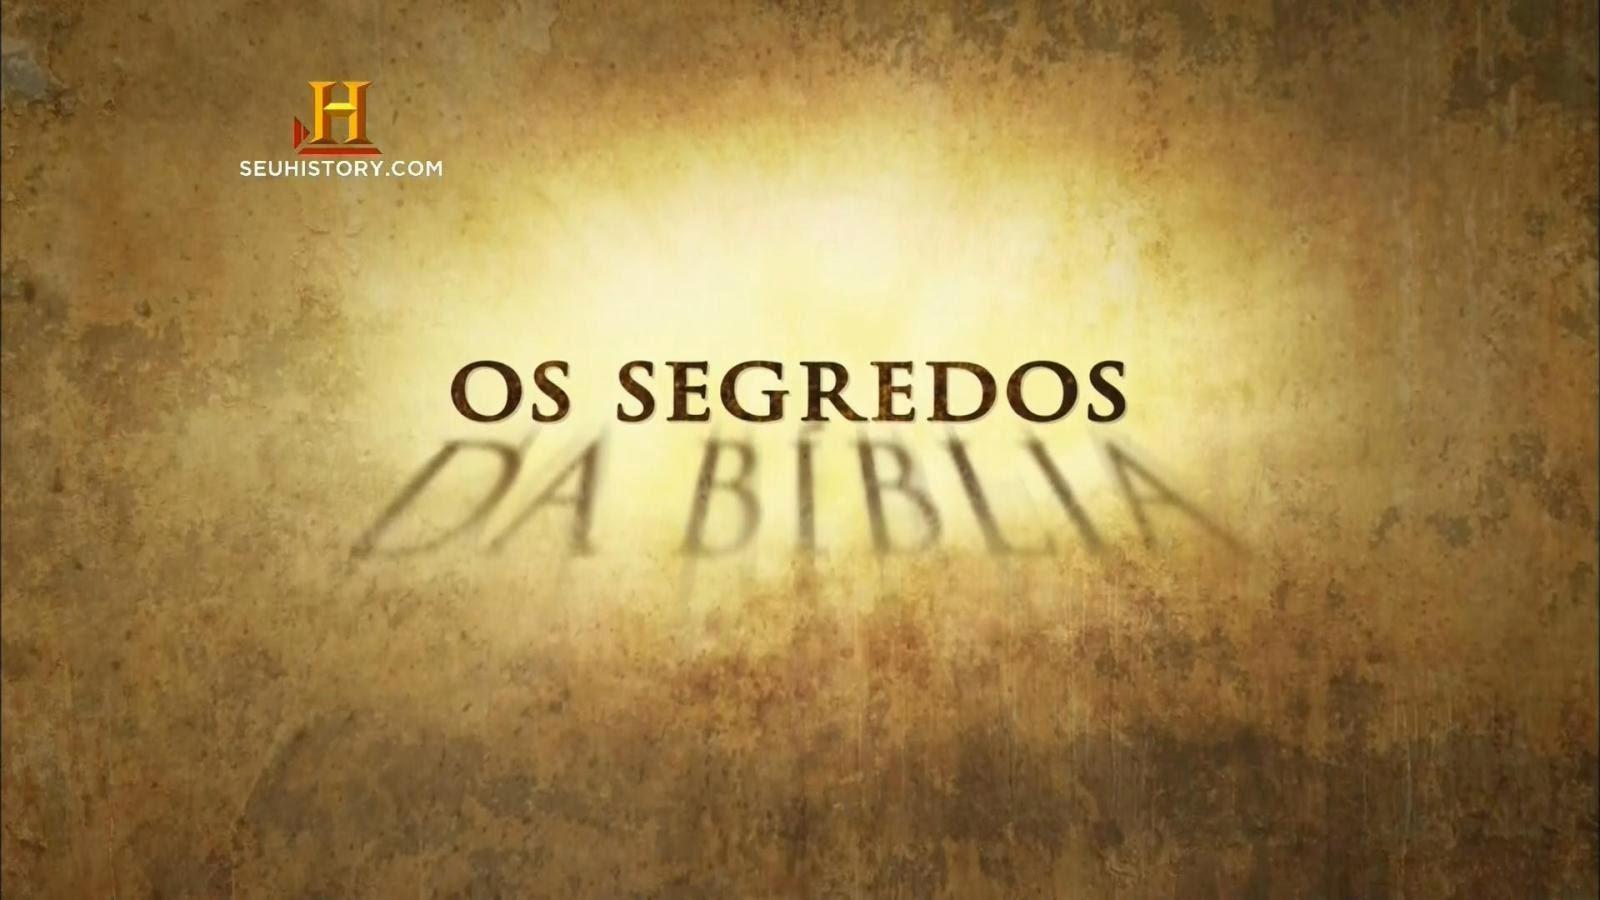 History Channel – Os Segredos da Bíblia – Profecias Misteriosas HDTV MKV Dublado